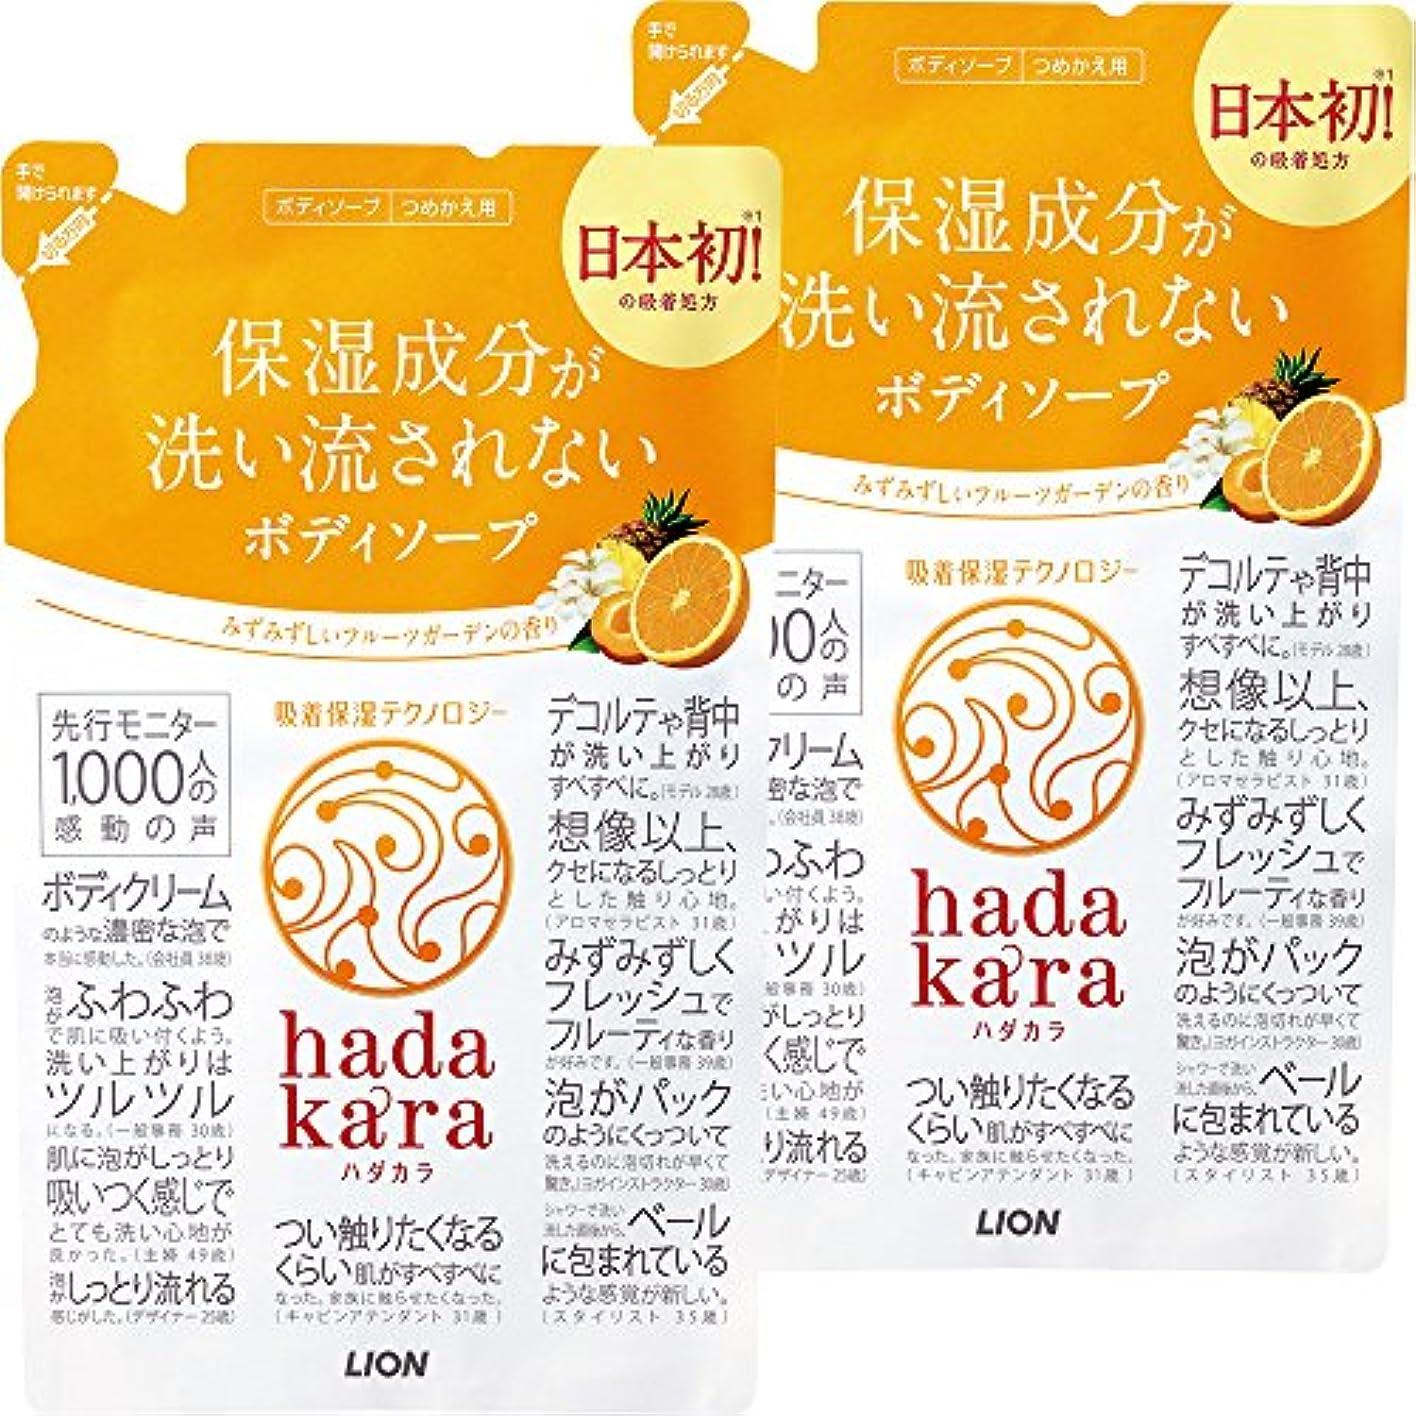 顧問ホットフェード【まとめ買い】hadakara(ハダカラ) ボディソープ フルーツガーデンの香り 詰め替え 360ml×2個パック